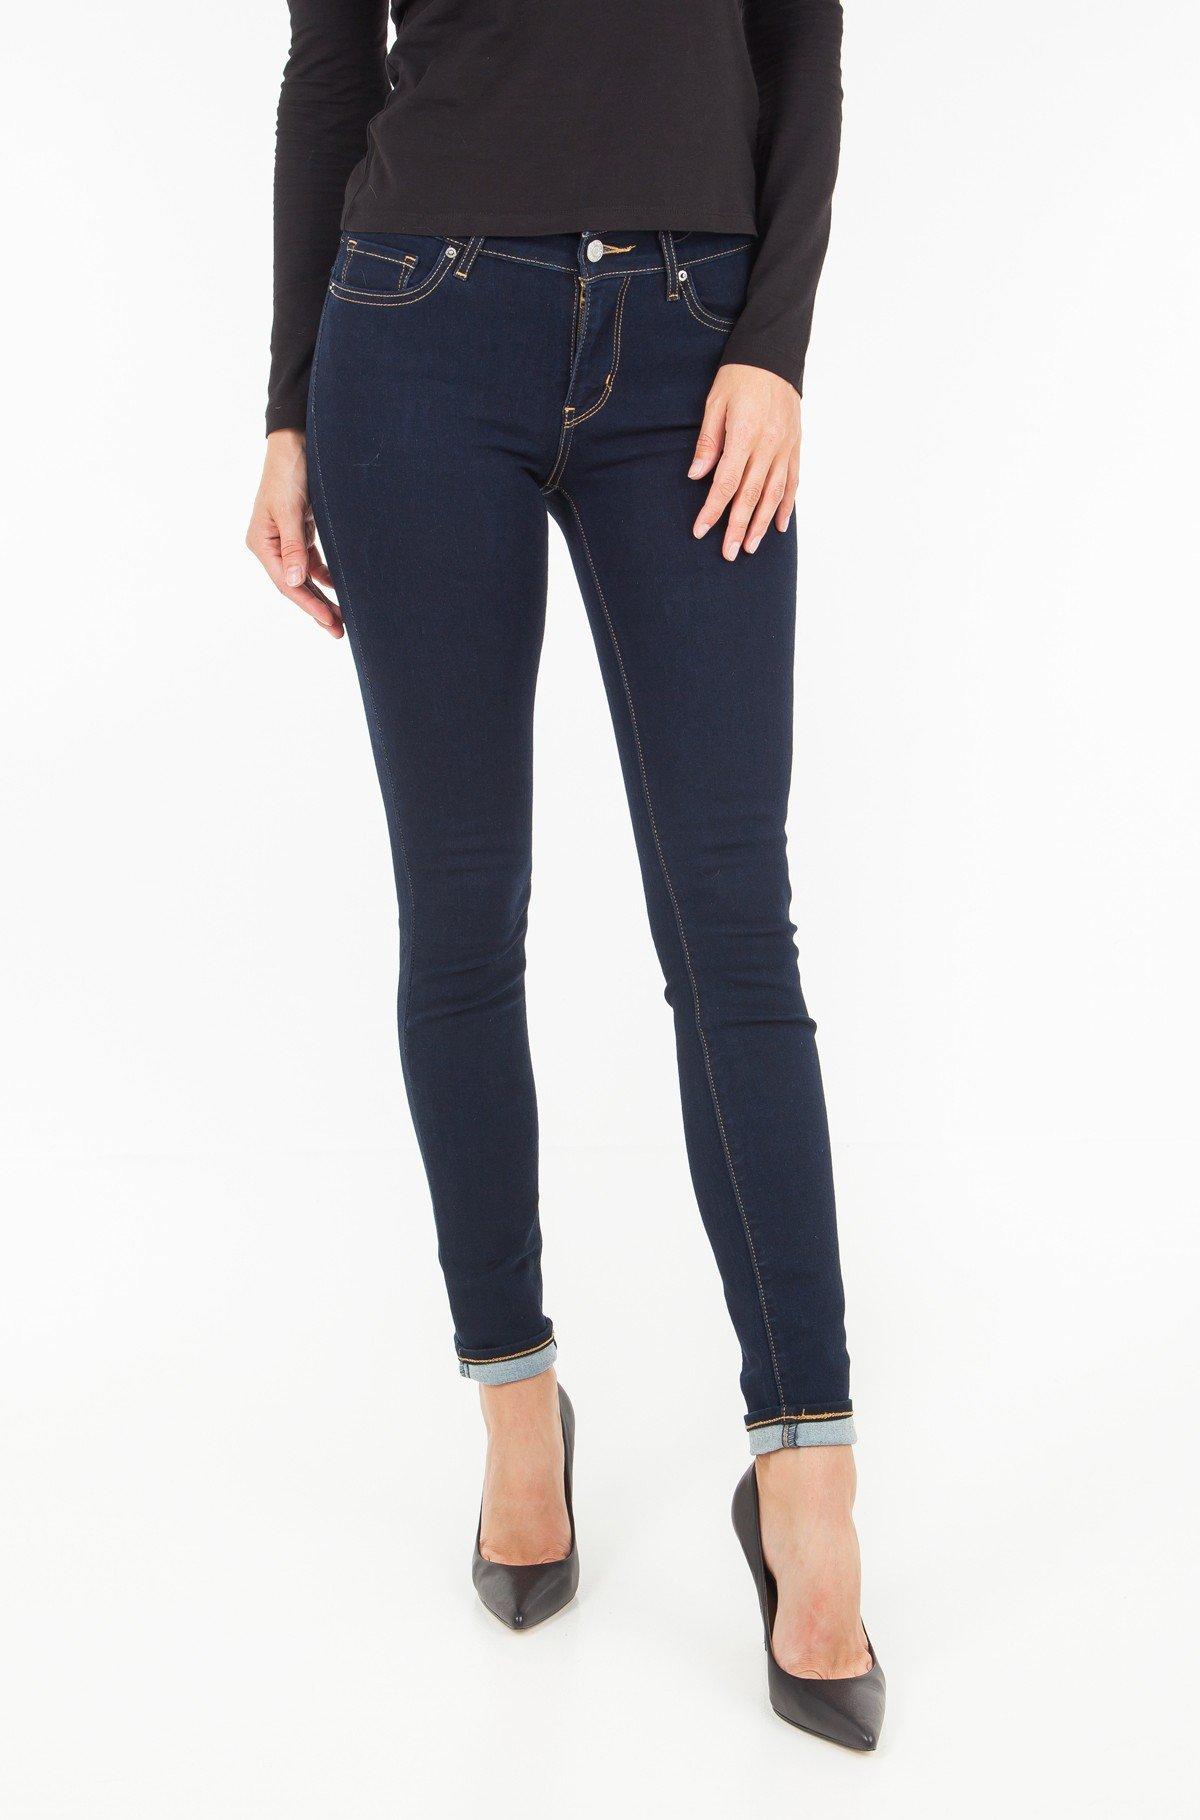 Džinsinės kelnės 188810333-full-1